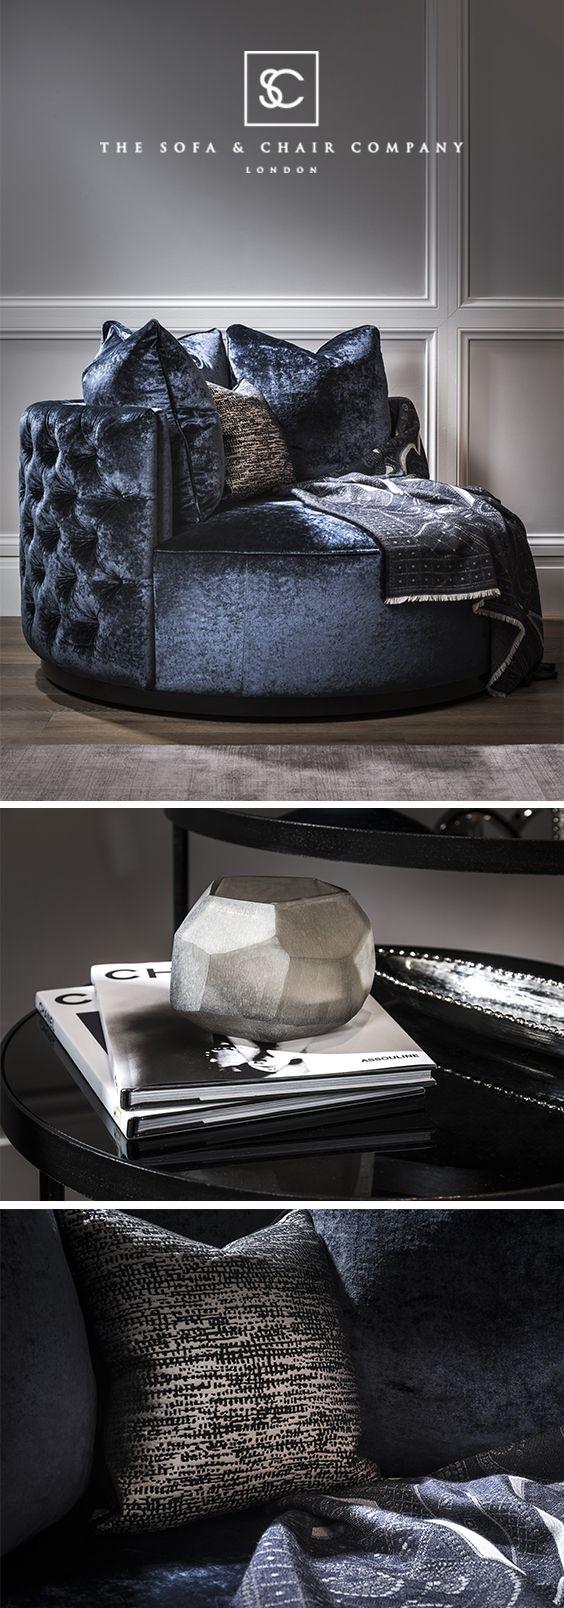 The Sofa Chair Company Luxury Interiors Bespoke Handmade  # Muebles Handmade